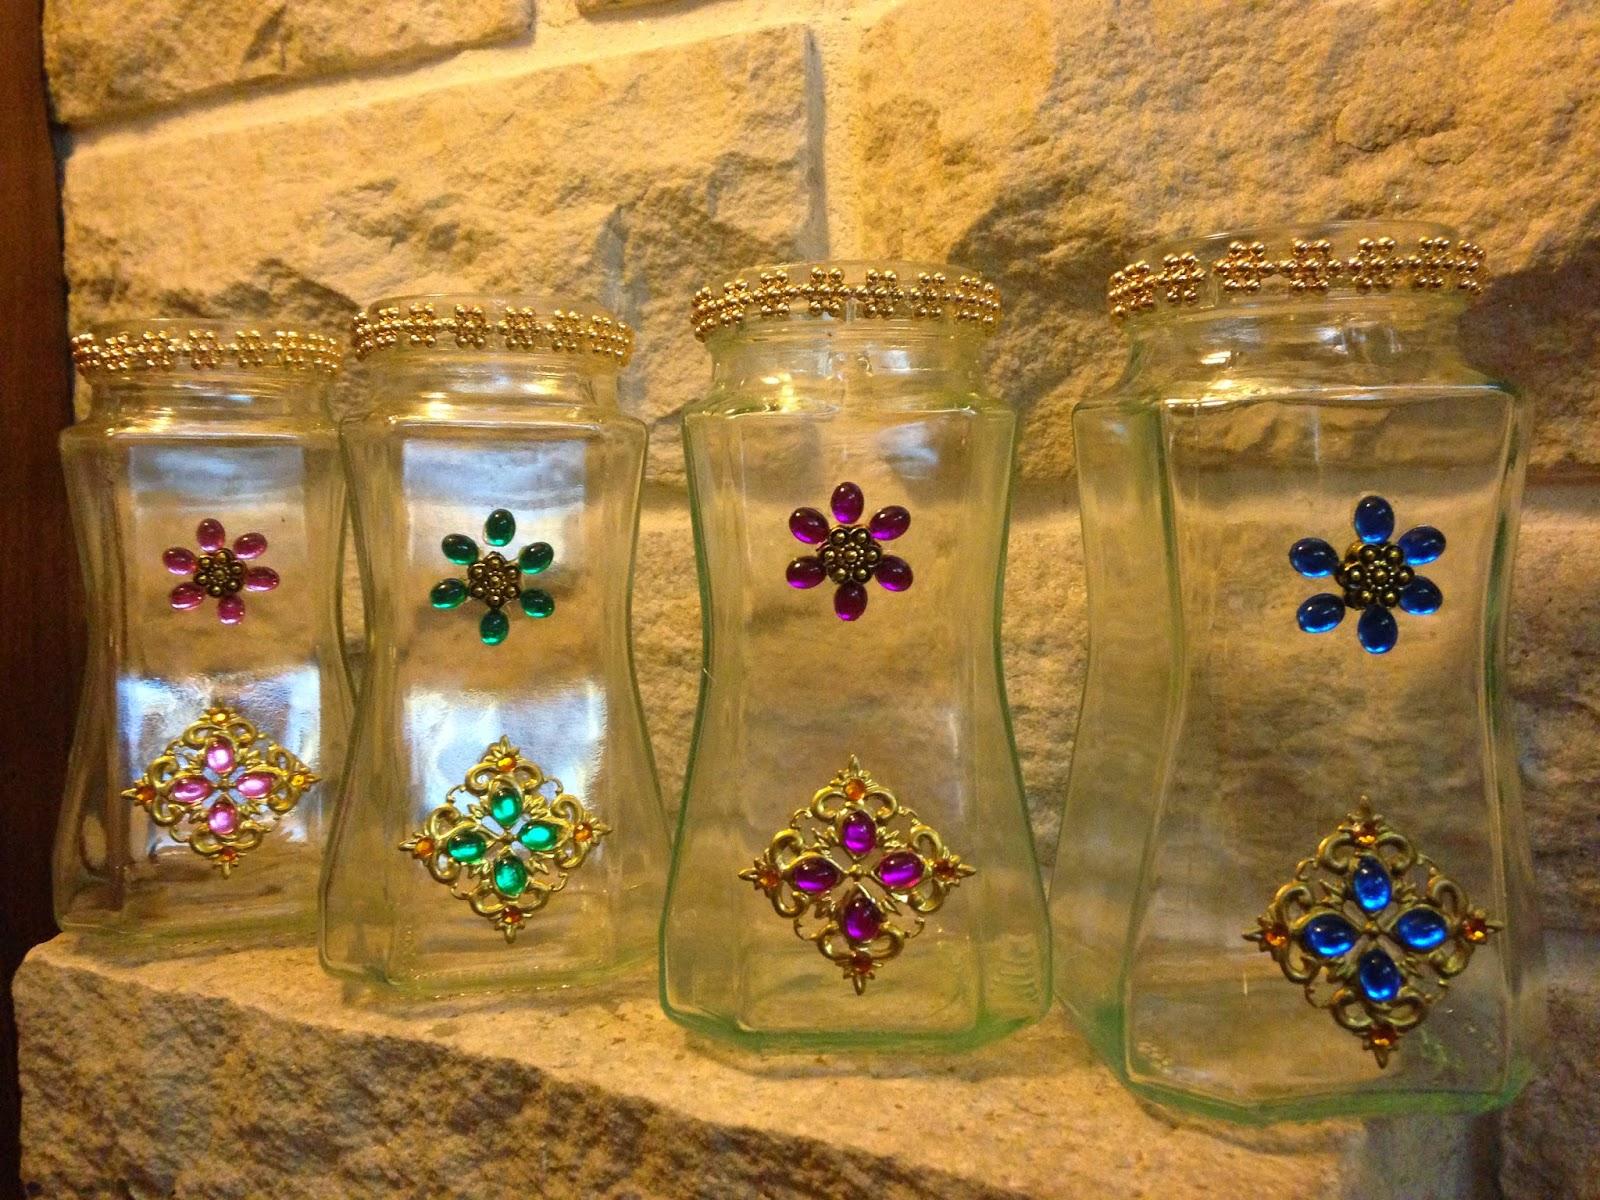 Reciclado de frascos de caf tutorial for Reciclar frascos de vidrio de cafe